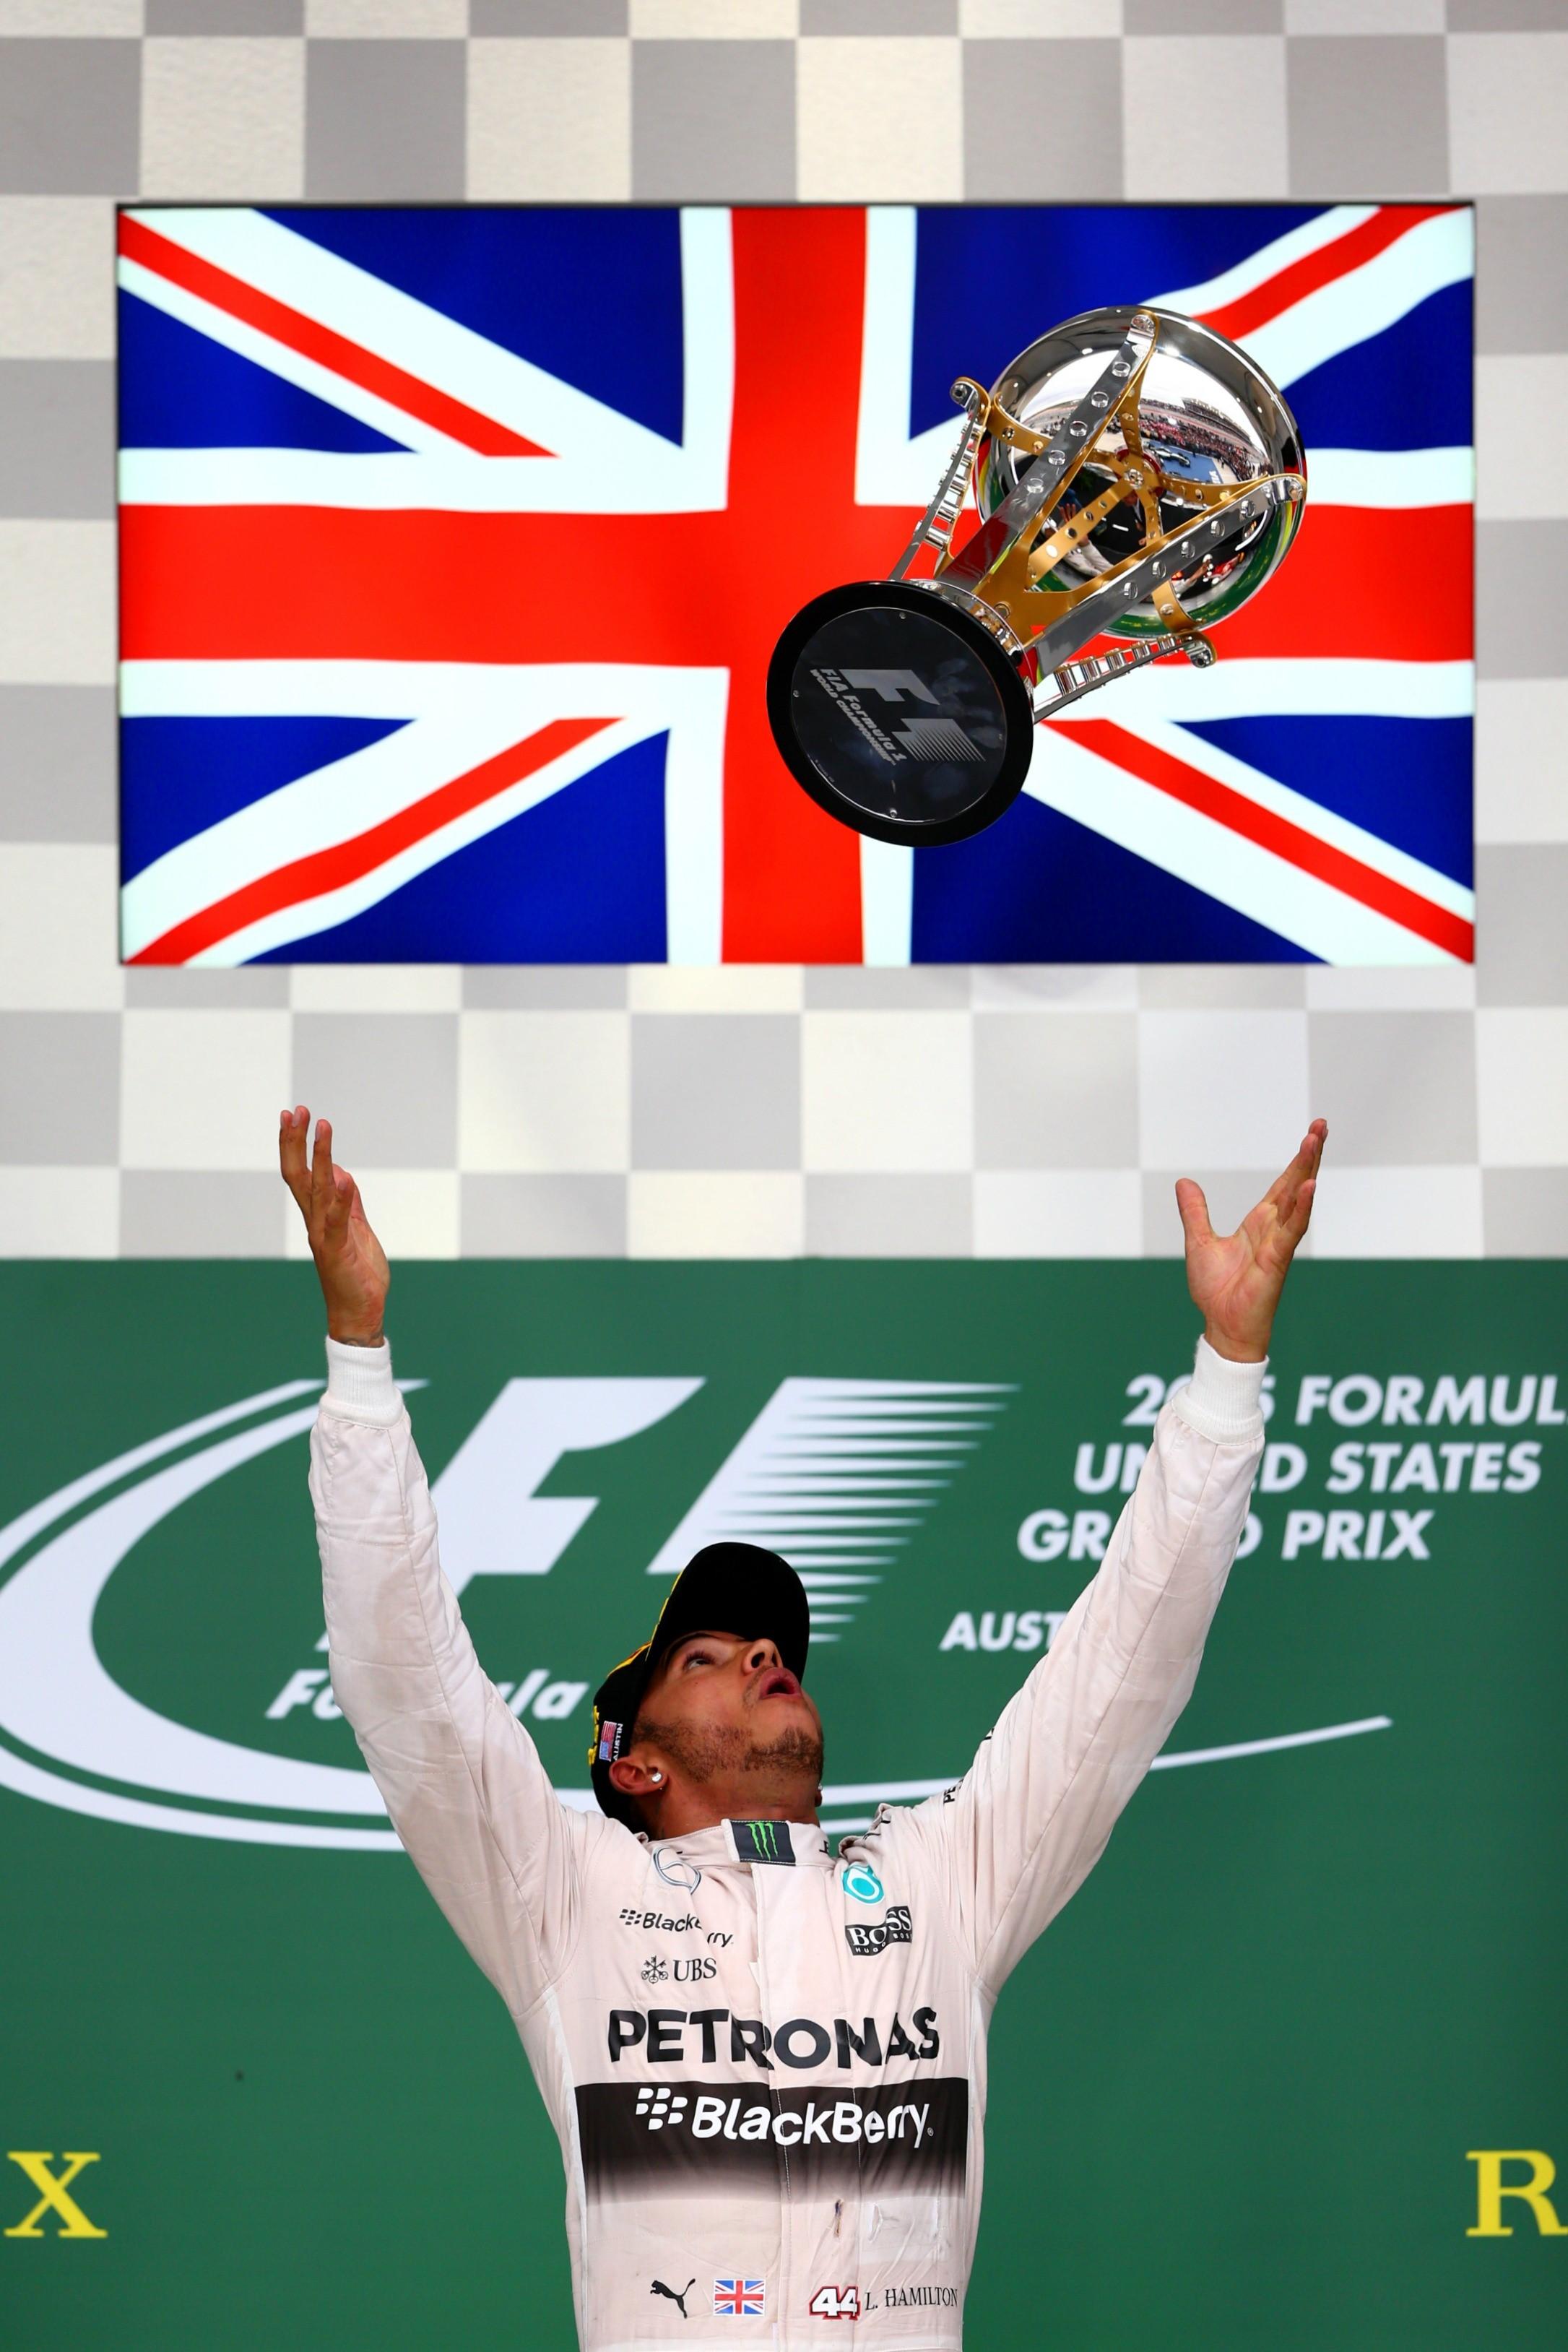 Lewis Hamilton (Mercedes) au Grand Prix des Etats-Unis d'Amérique 2015